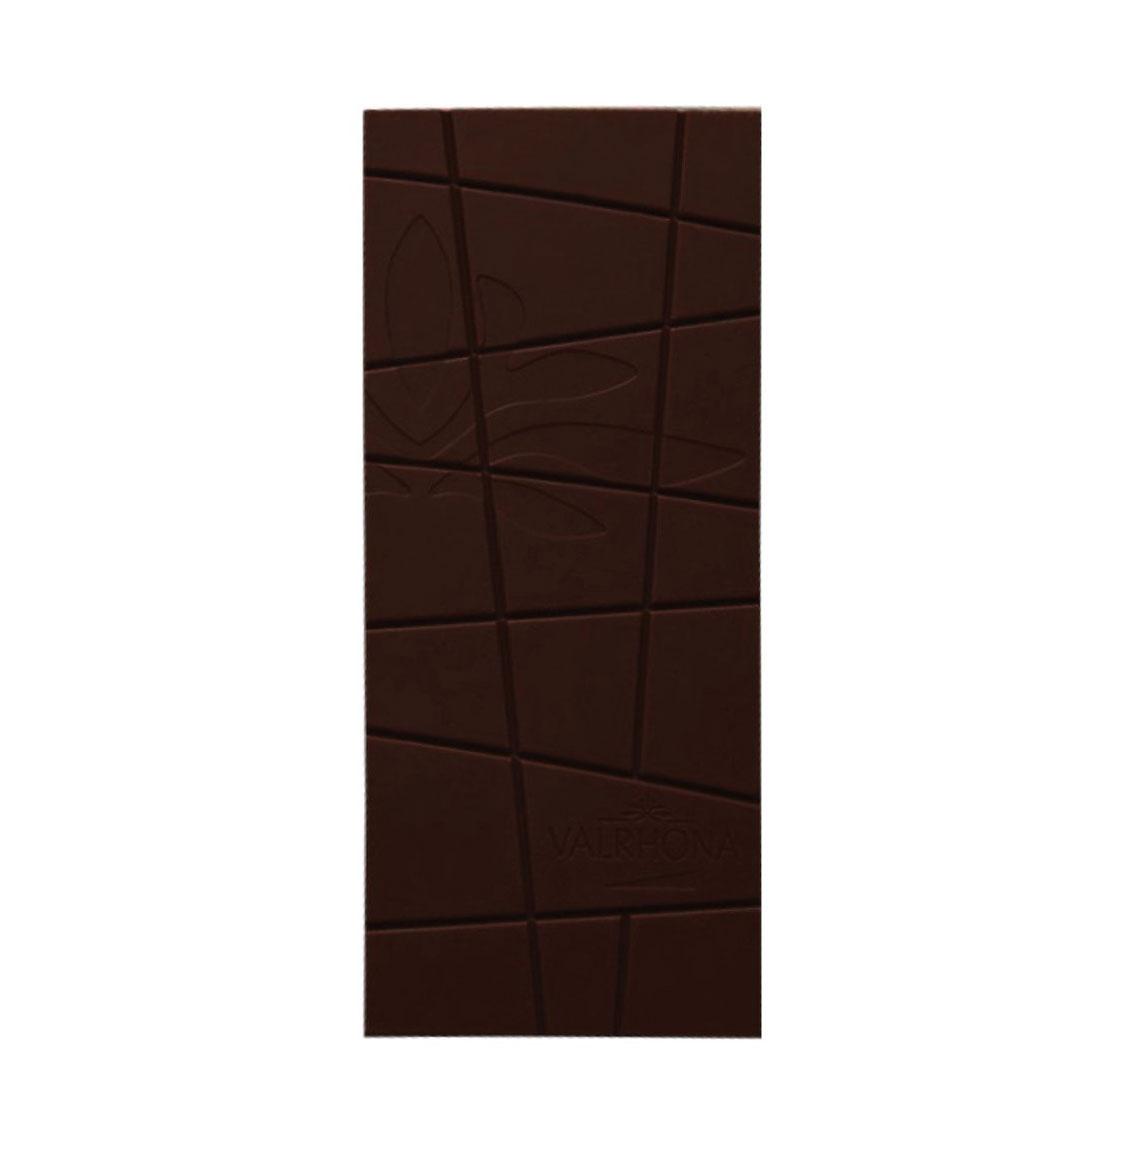 Valrhona Araguani Full Bodied Dark Chocolate 70g